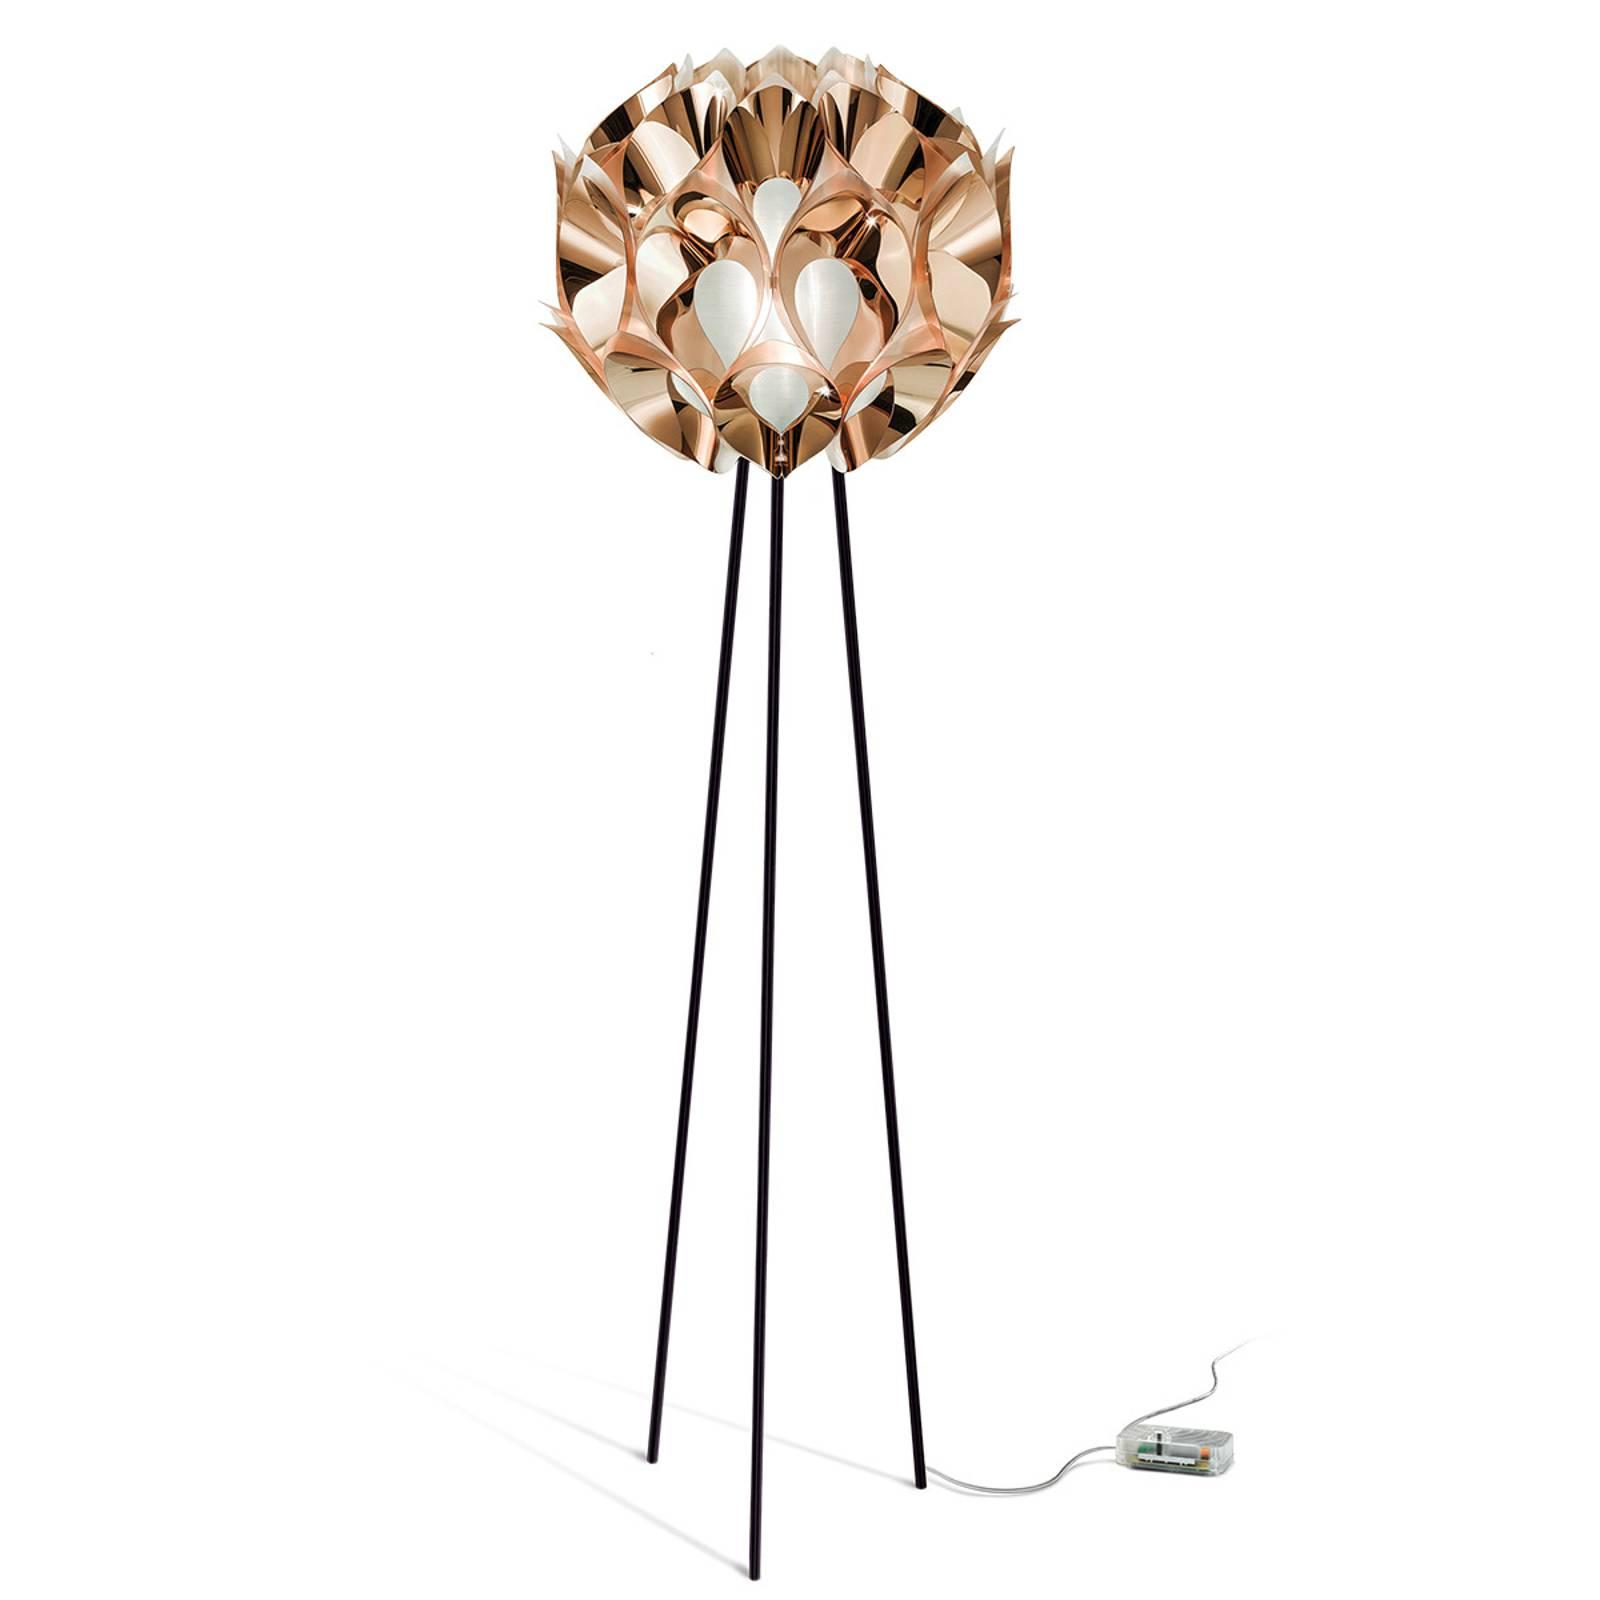 Metall Designer Stehlampe Und Weitere Stehlampen Gunstig Online